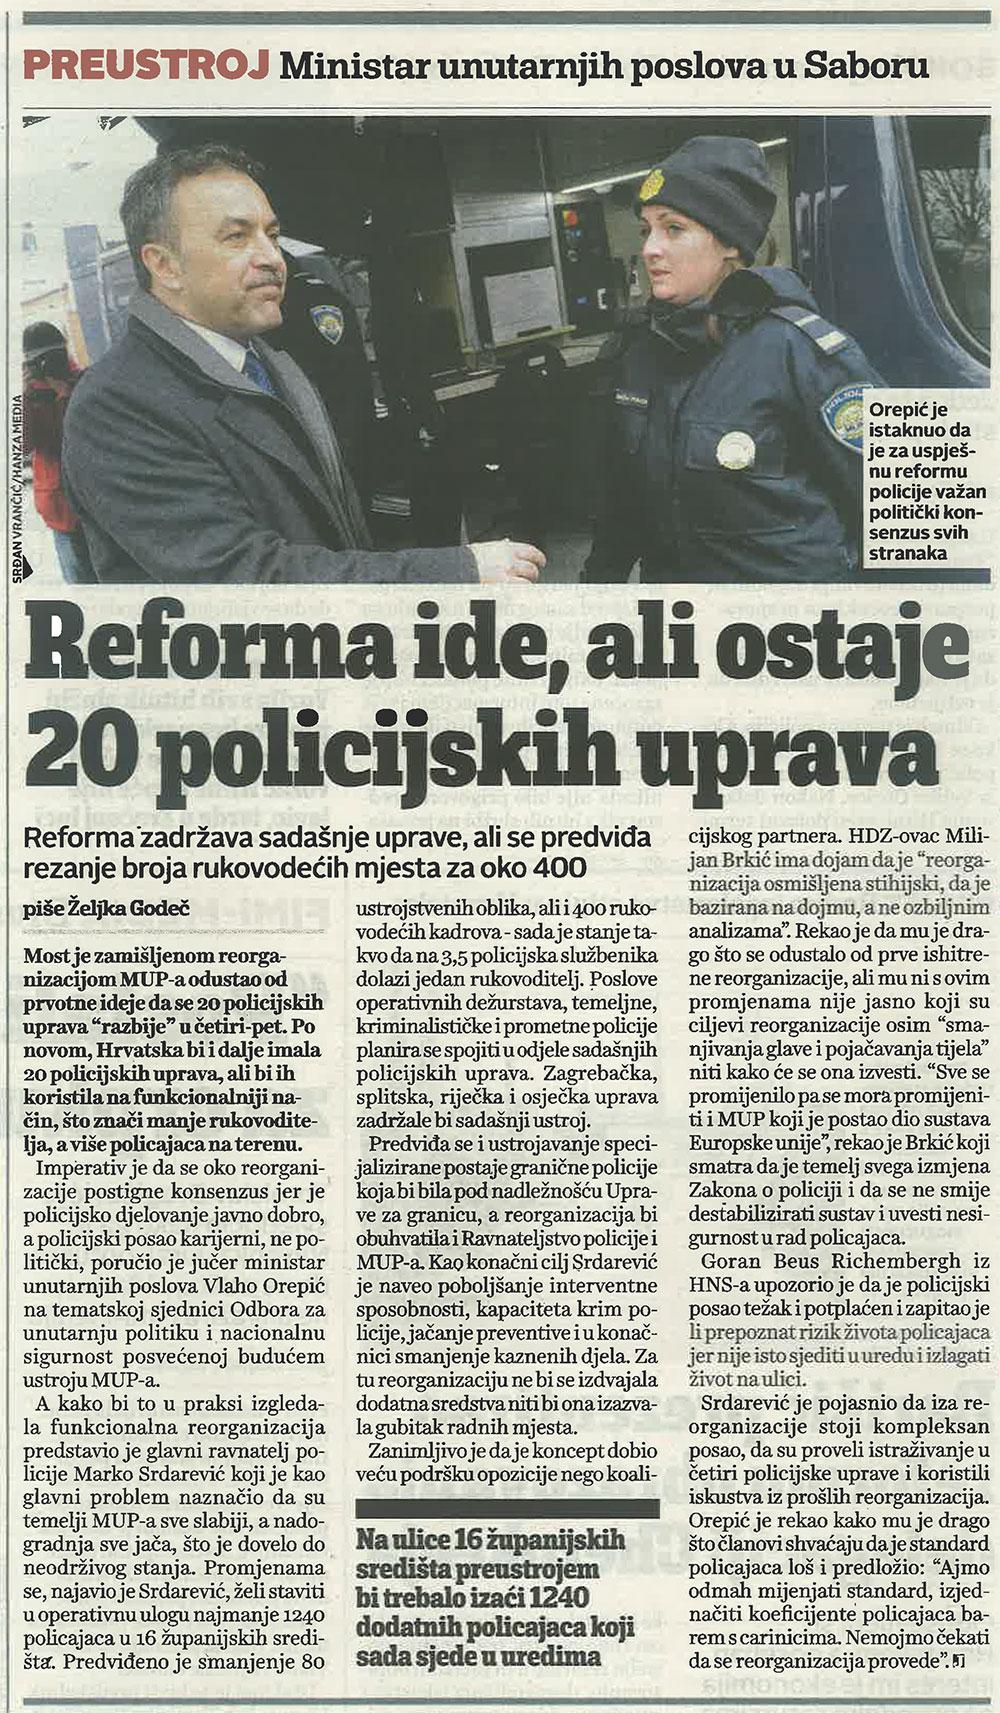 JutarnjiLIST o Orepićevoj reformi MUP-a uz zadržavanje 20 policijskih uprava